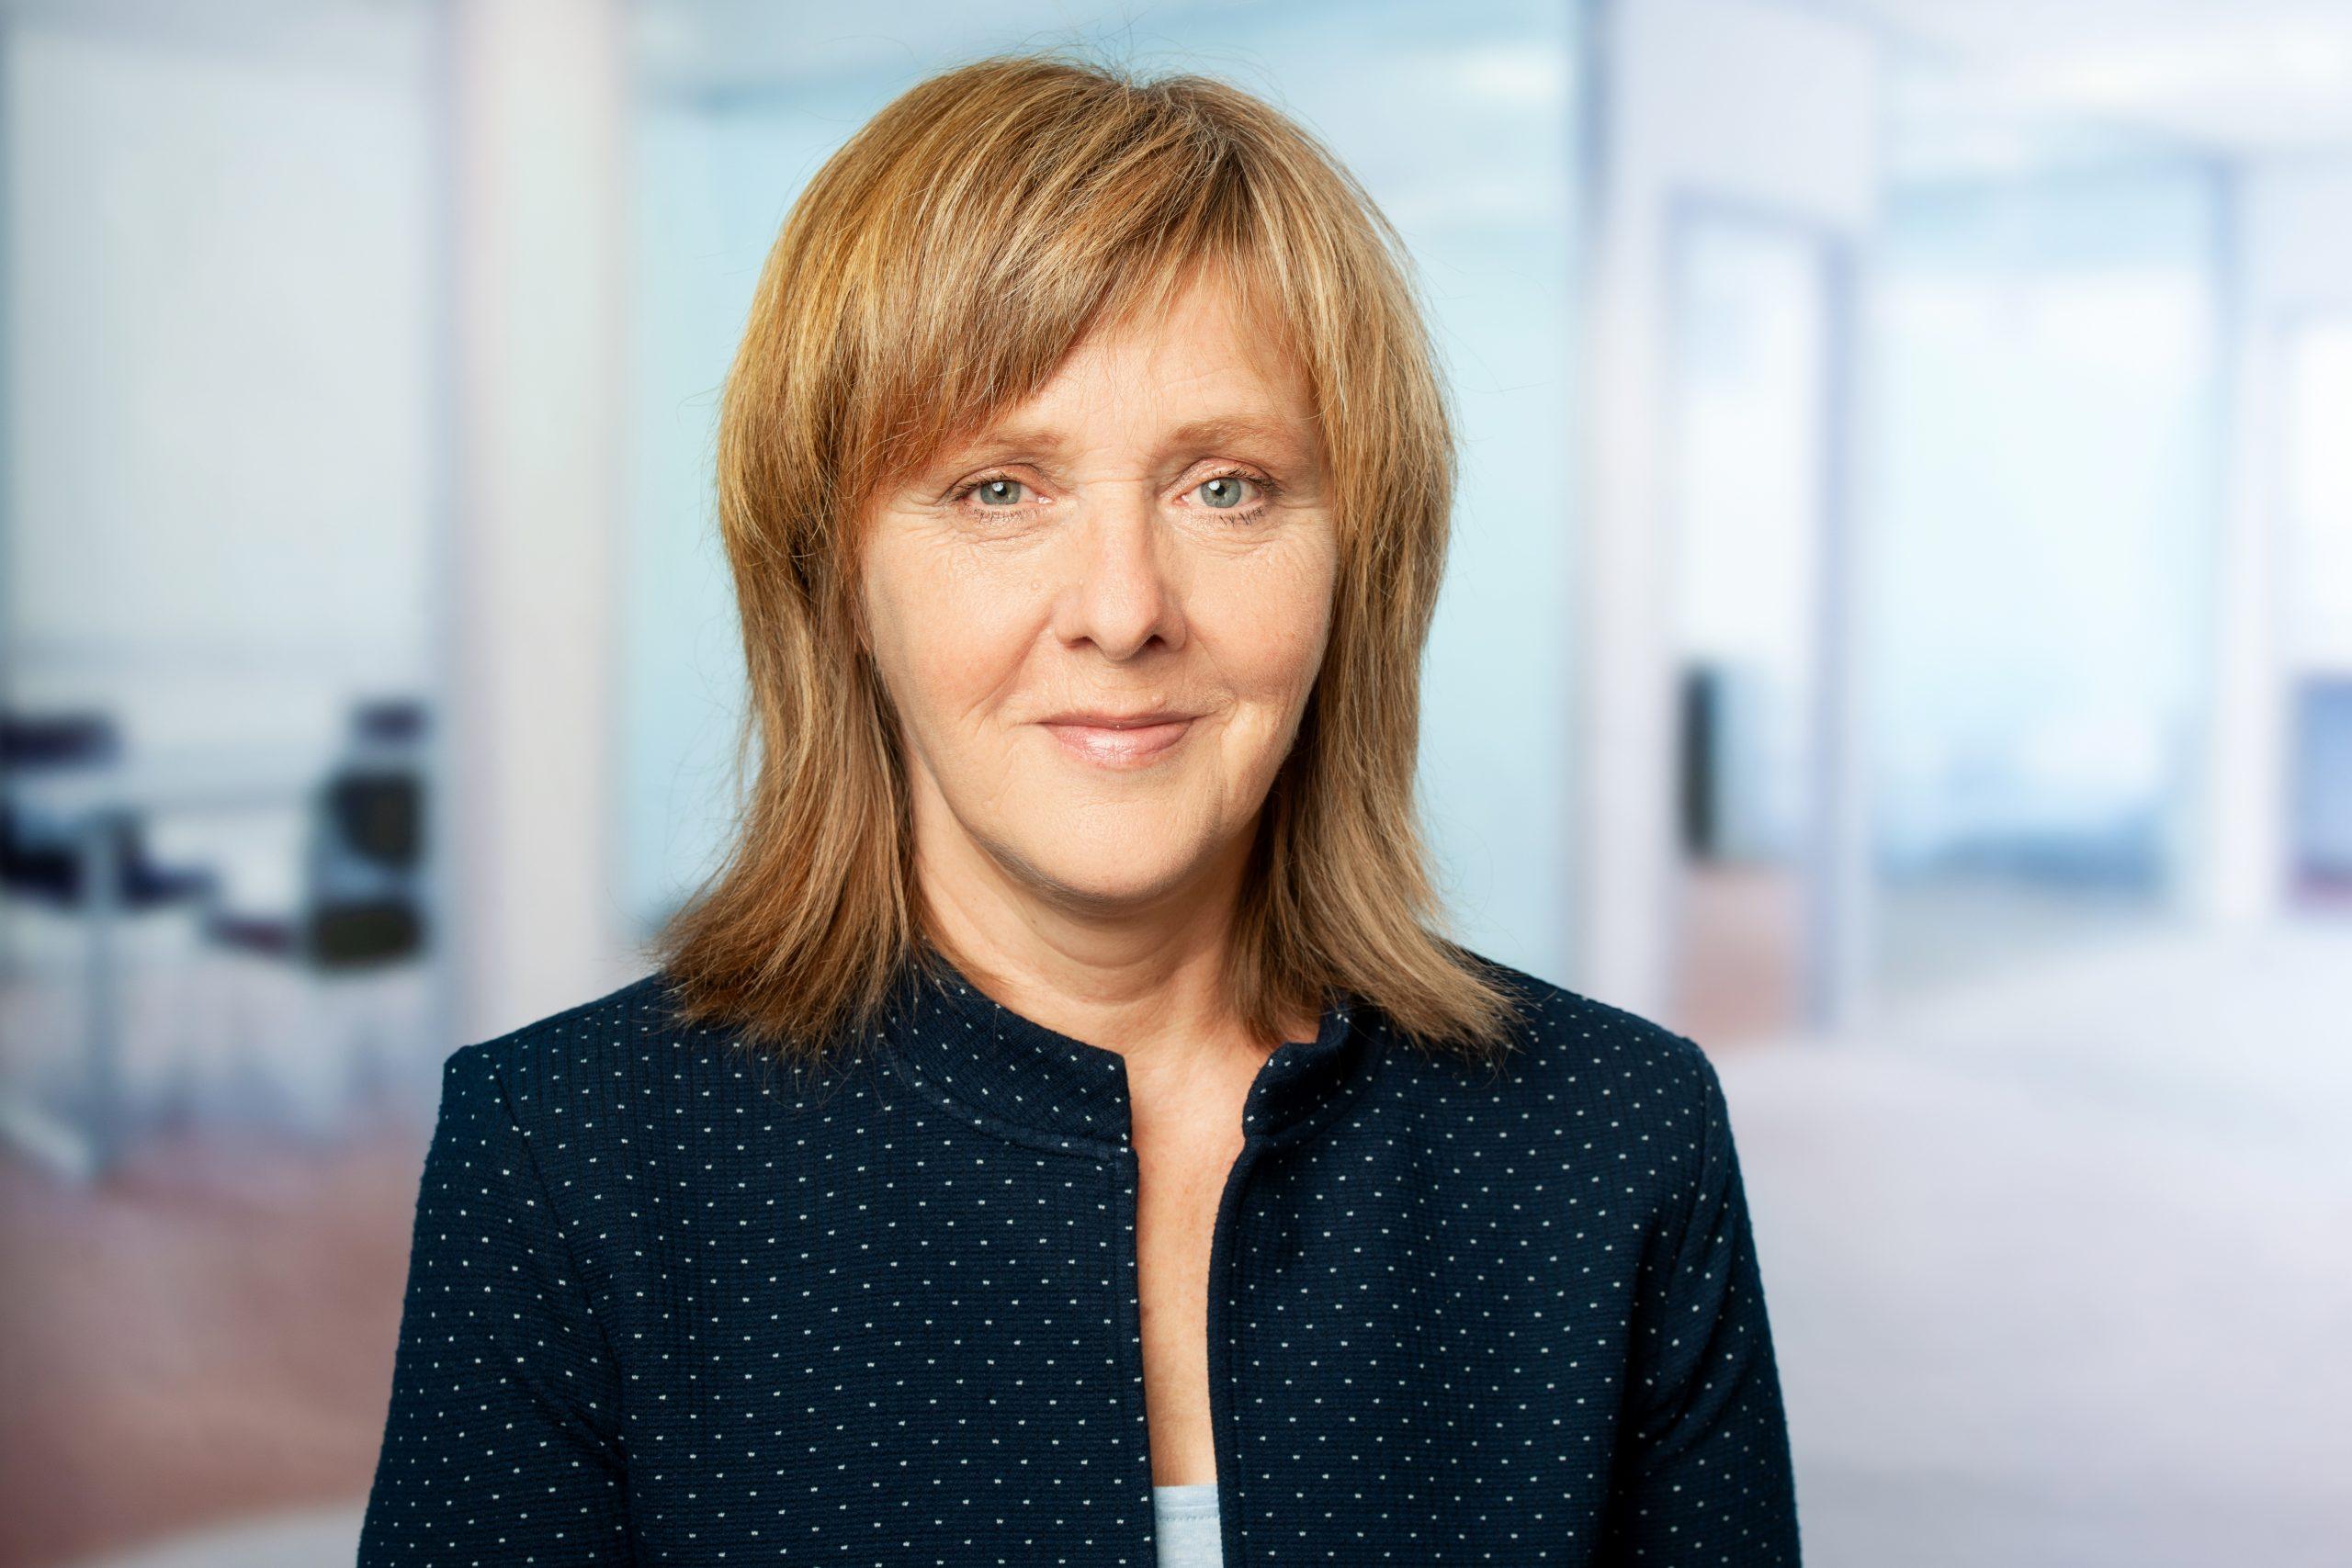 Bettina Neumann